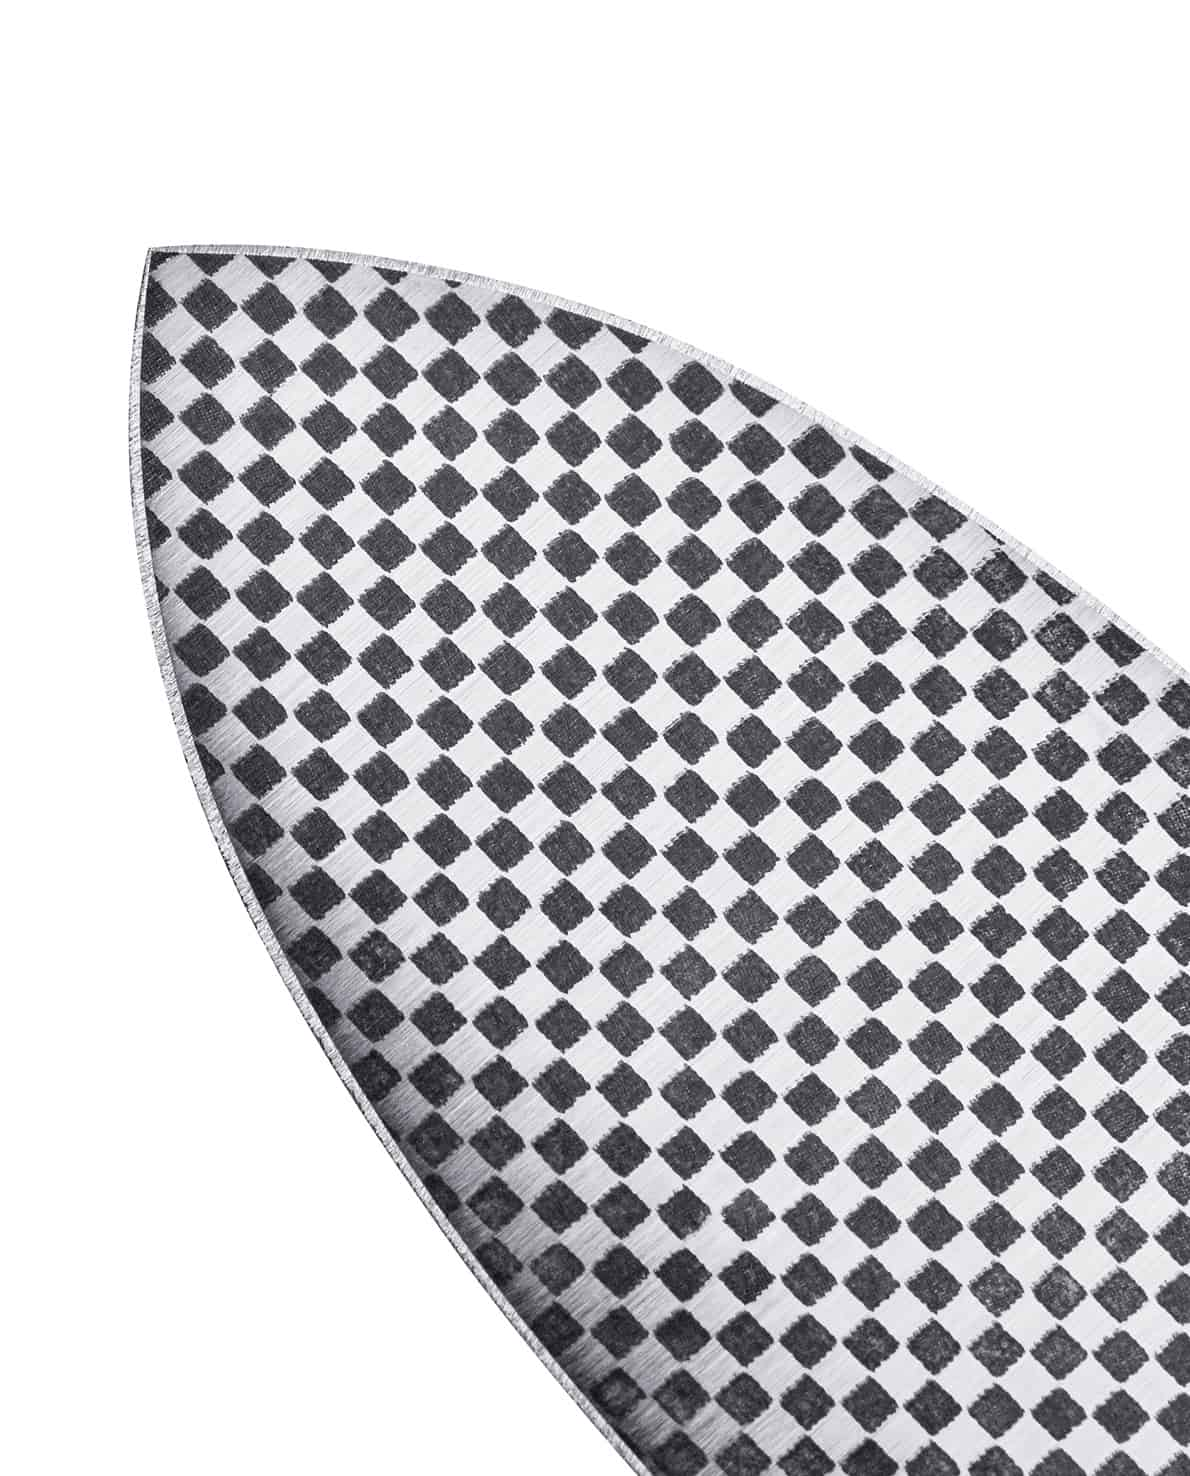 triangle Aufstrichmesser Classic Detailaufnahme mit Gitterstruktur Detail Closeup